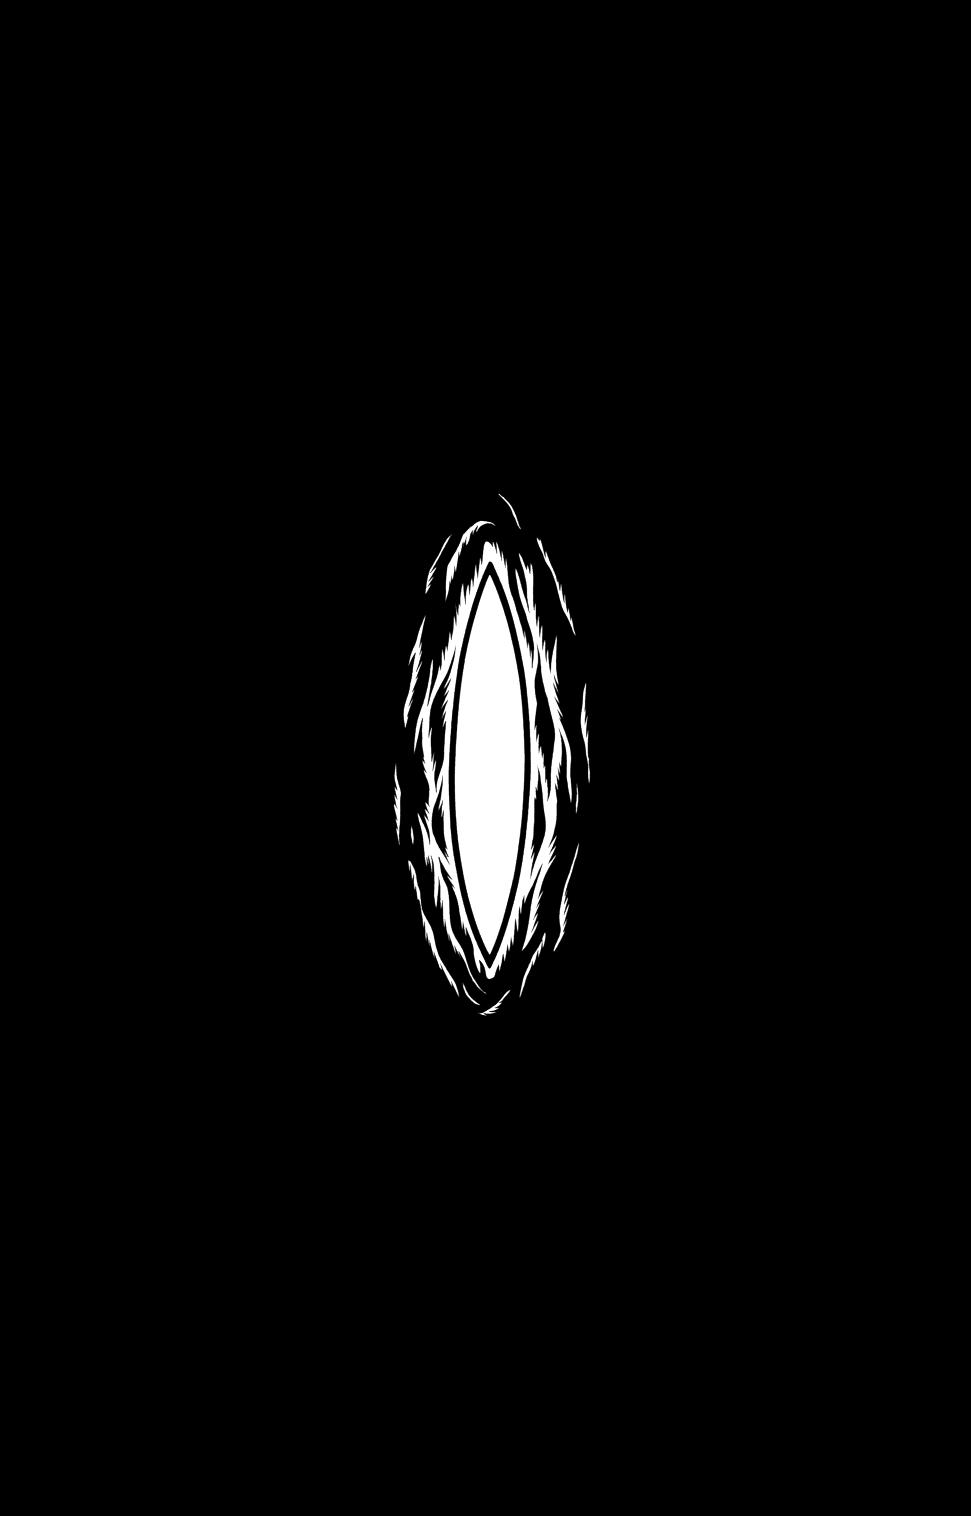 Black Hole 01 (Blackout Edit) p03.png